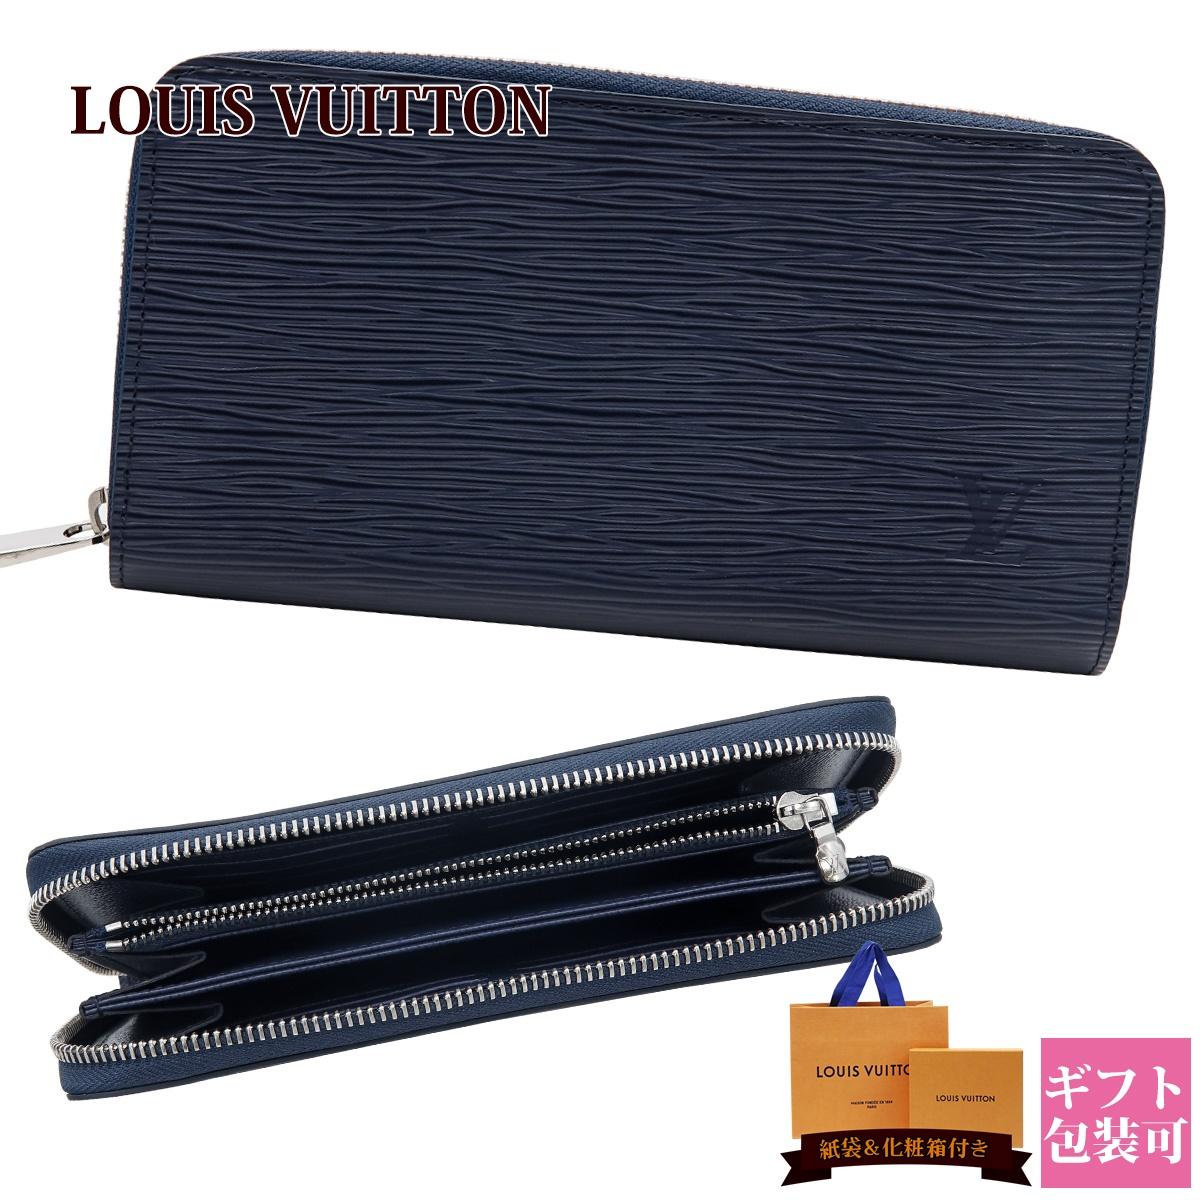 ルイヴィトン 長財布 ヴィトン 財布 LOUISVUITTON 小銭入れあり メンズ レディース ラウンドファスナー エピ ジッピー・ウォレット アンディゴブルー クラシックブルー M61873 ホワイトデー プレゼント